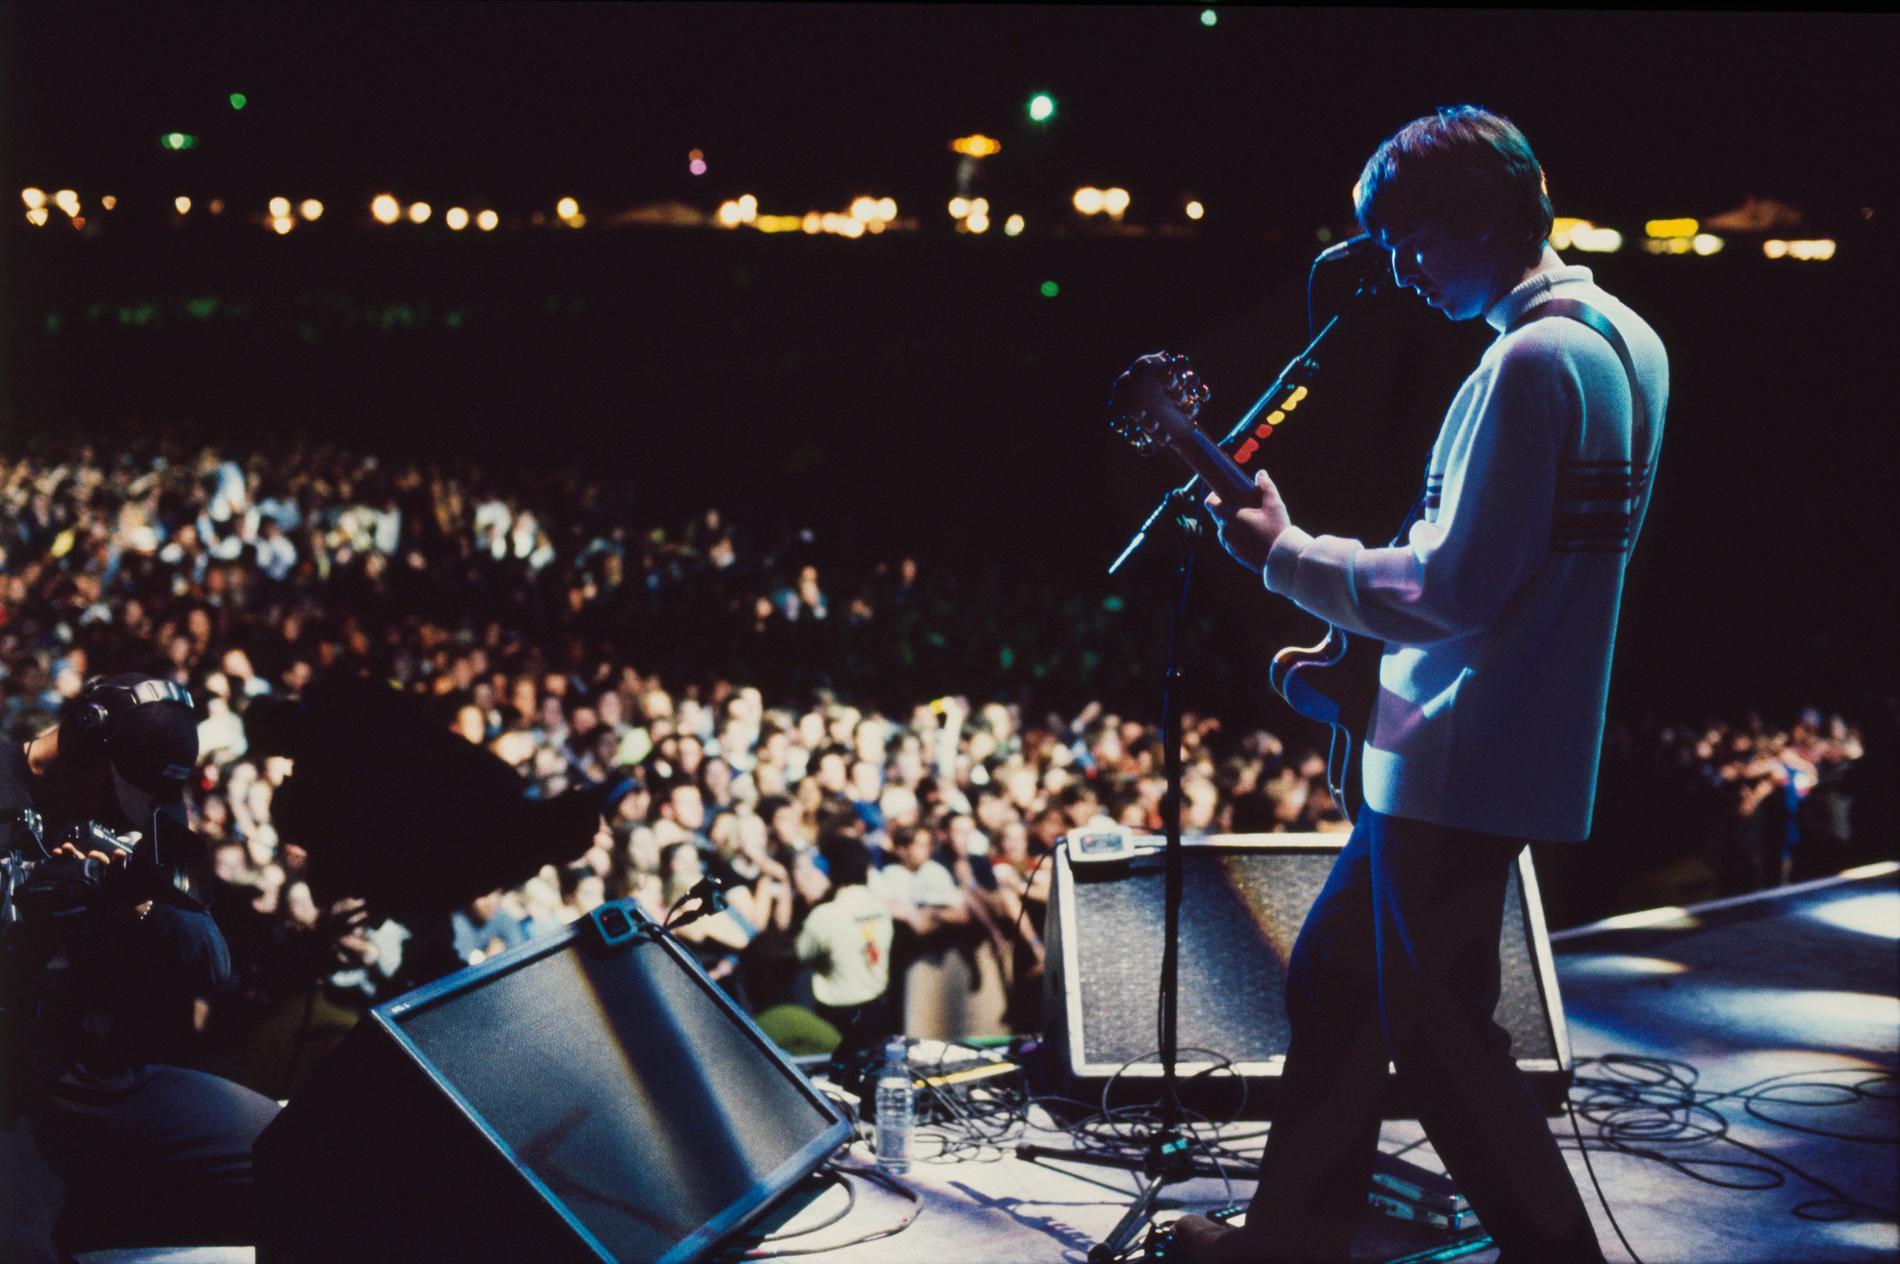 Om Noel vetat att hans låtar skulle definiera ett decennium hade han aldrig skrivit klart dem, säger han.